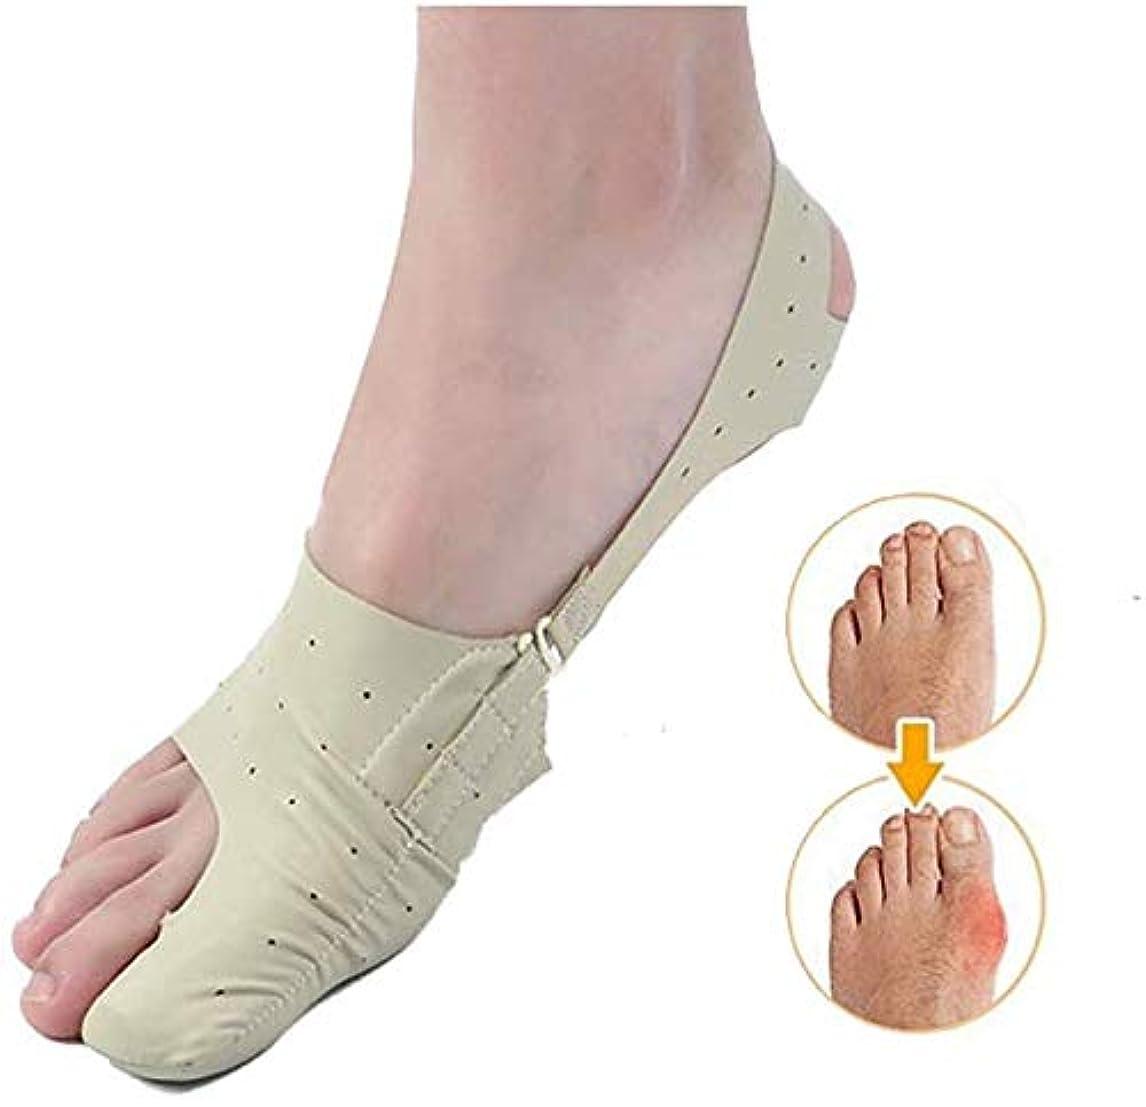 ビン大脳送料矯正用足の親指矯正腱膜瘤アライナー合板フットケア装具親指サポート装具昼と夜の腱膜瘤副木プロテクター